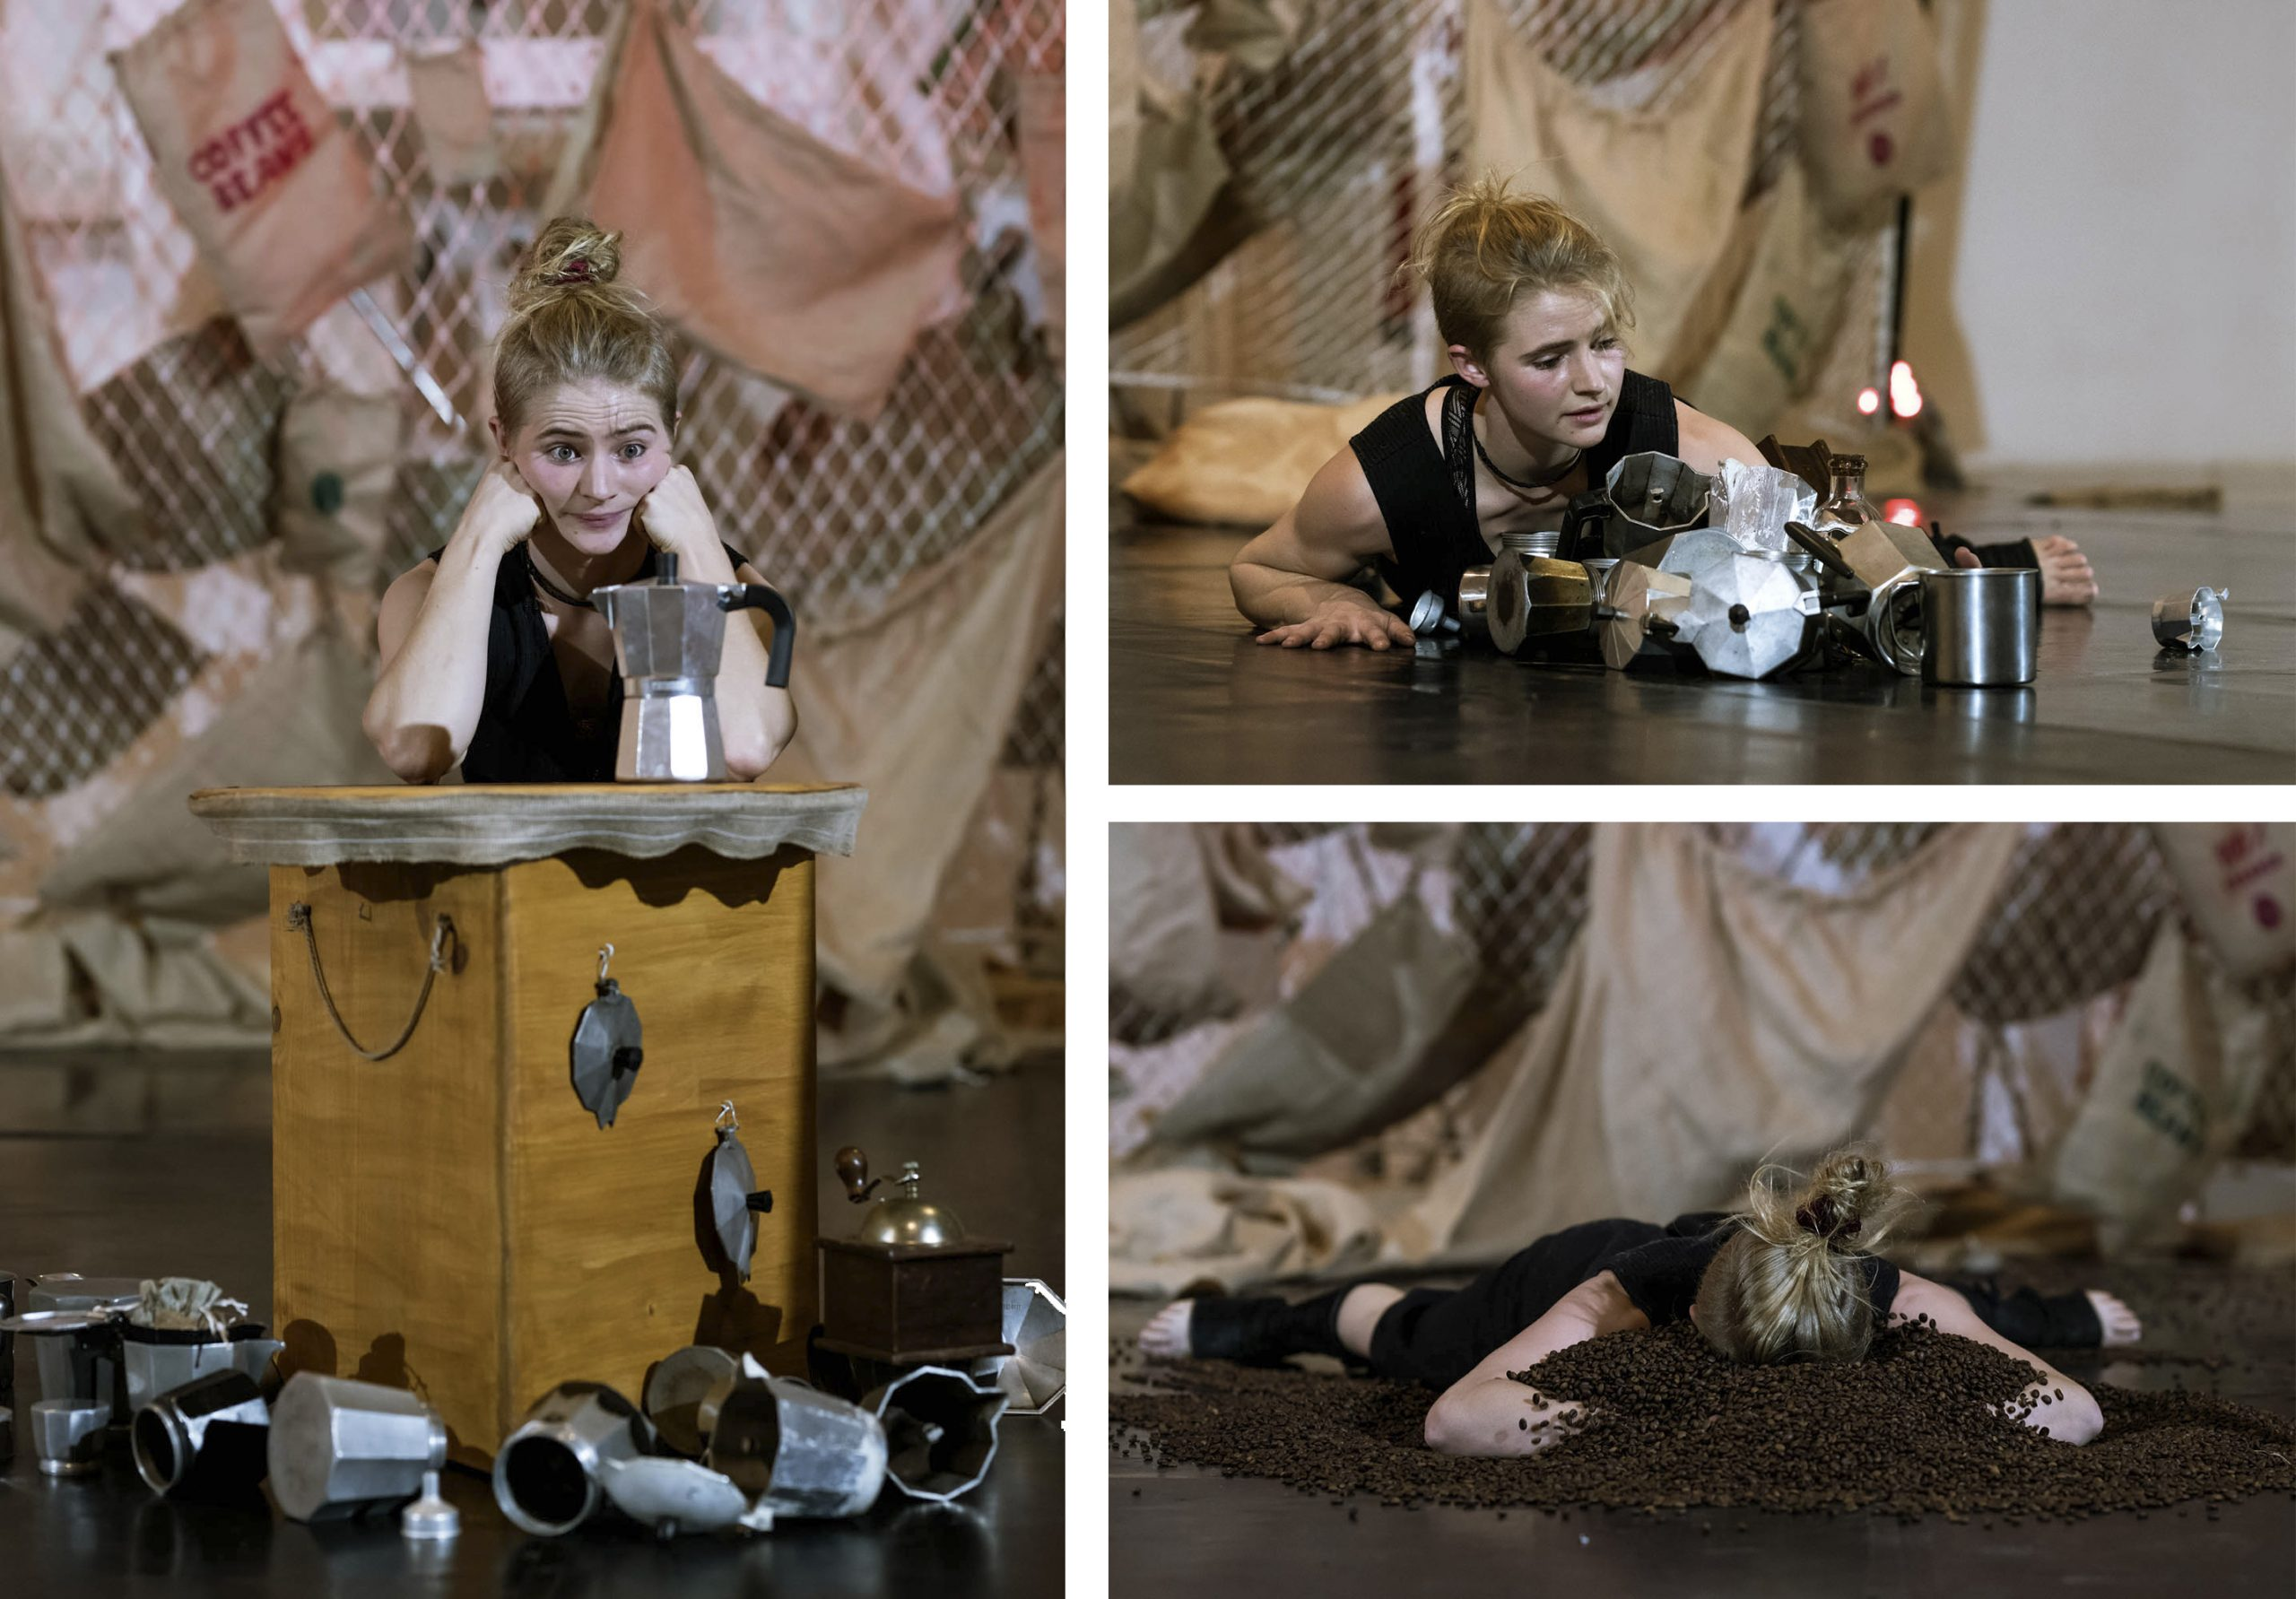 JohannaBlog Mai Ibargüen Circo